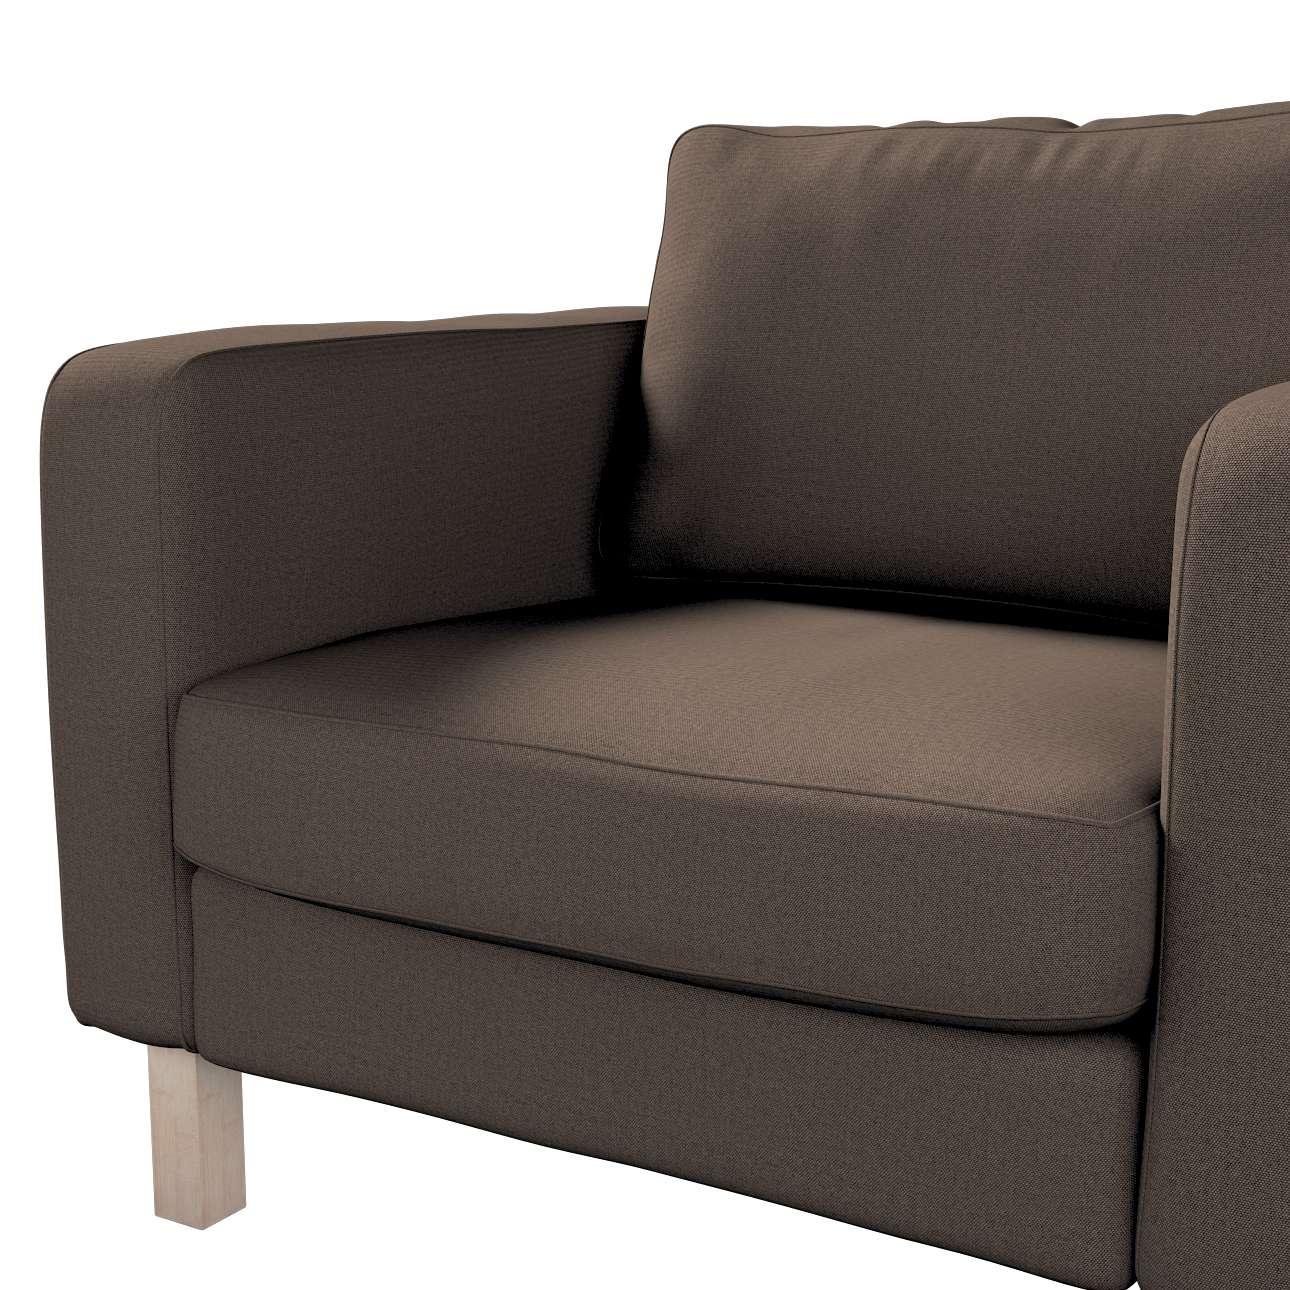 Pokrowiec na fotel Karlstad, krótki w kolekcji Etna, tkanina: 705-08